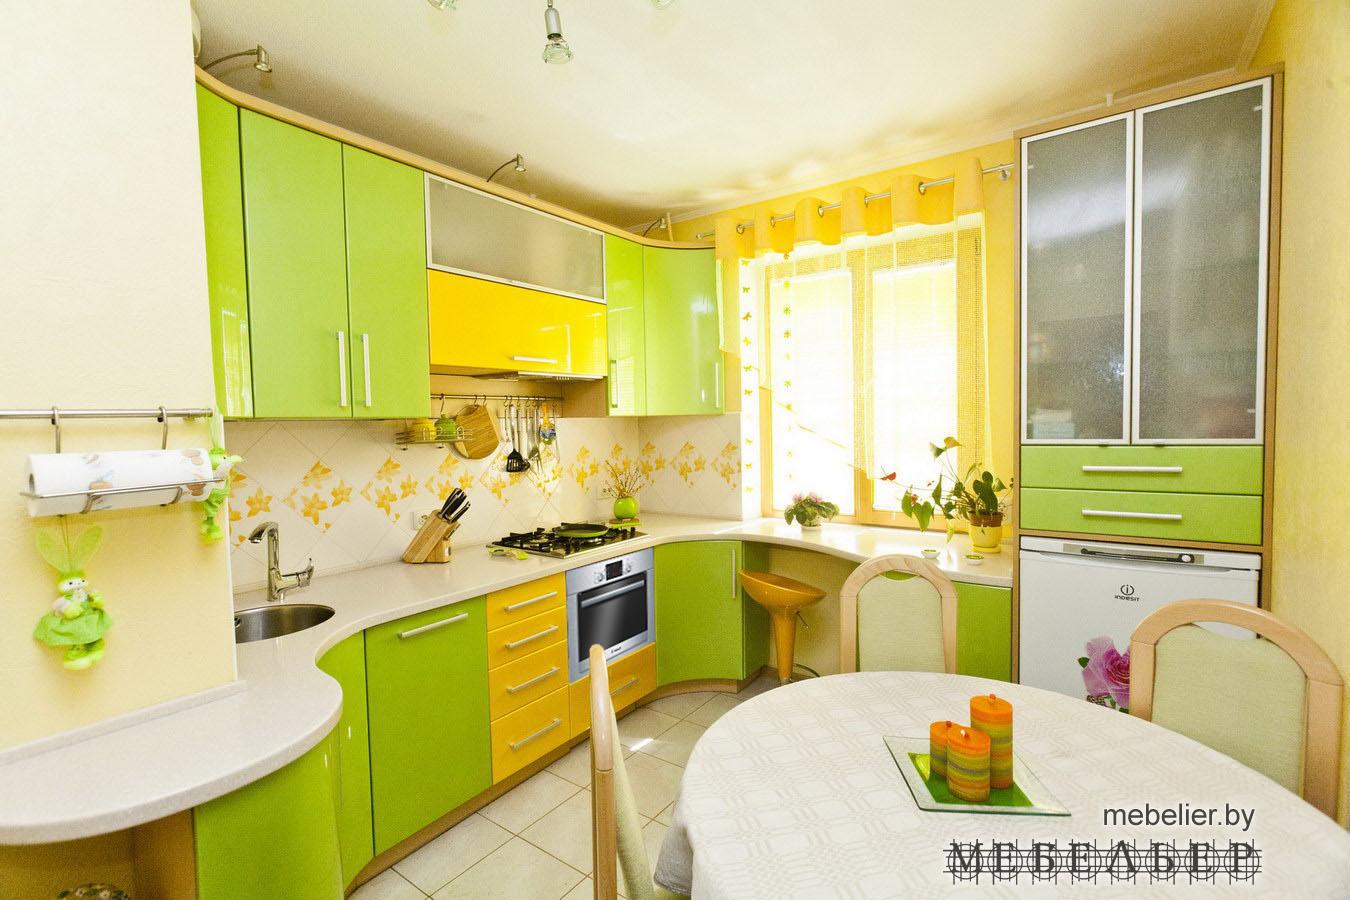 Дизайн небольшой кухни в цветах с